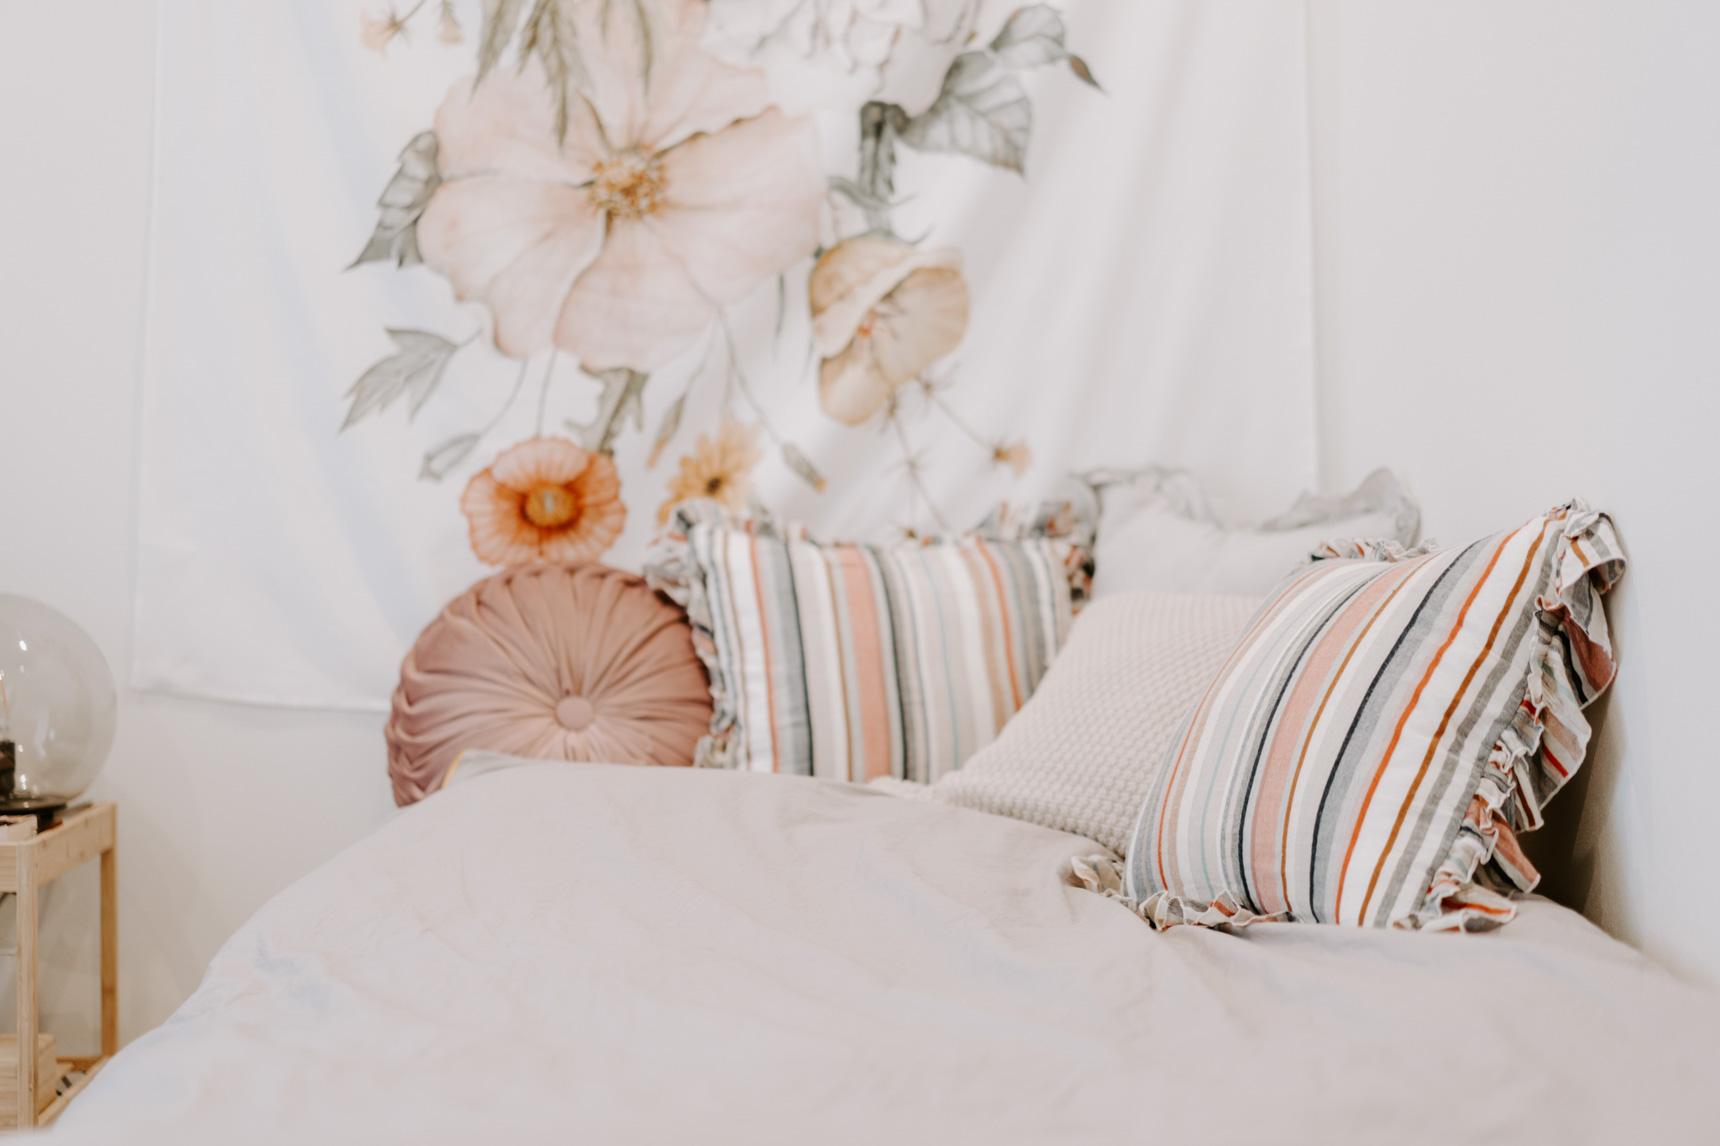 壁にかけられた布ともよくコーディネートされているベッドのクッション。「リネン類が一番気軽に変えやすいので、ガラッと変えてみることもあります」